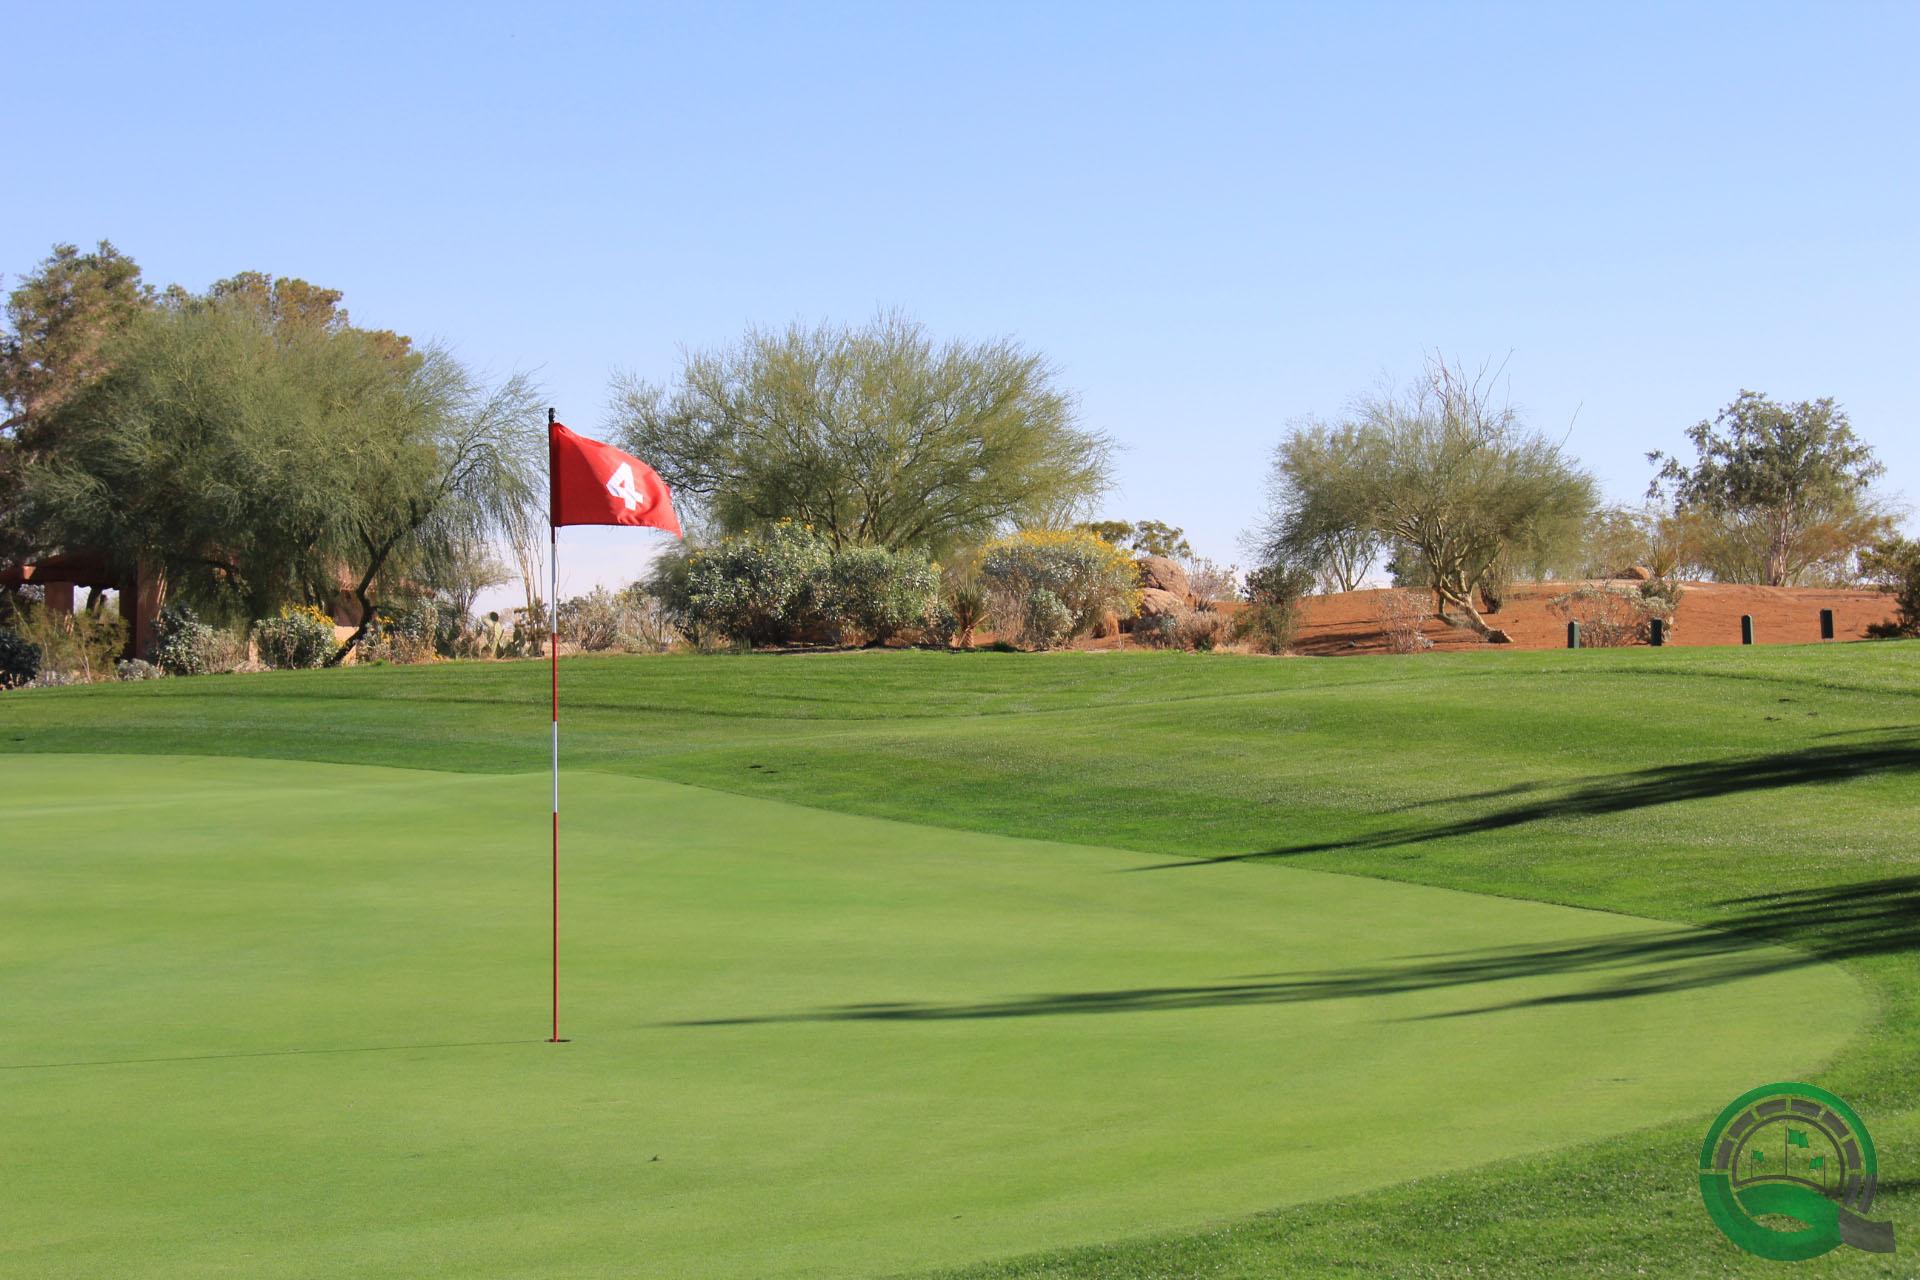 Rams Hill Golf Club Hole 4 Green